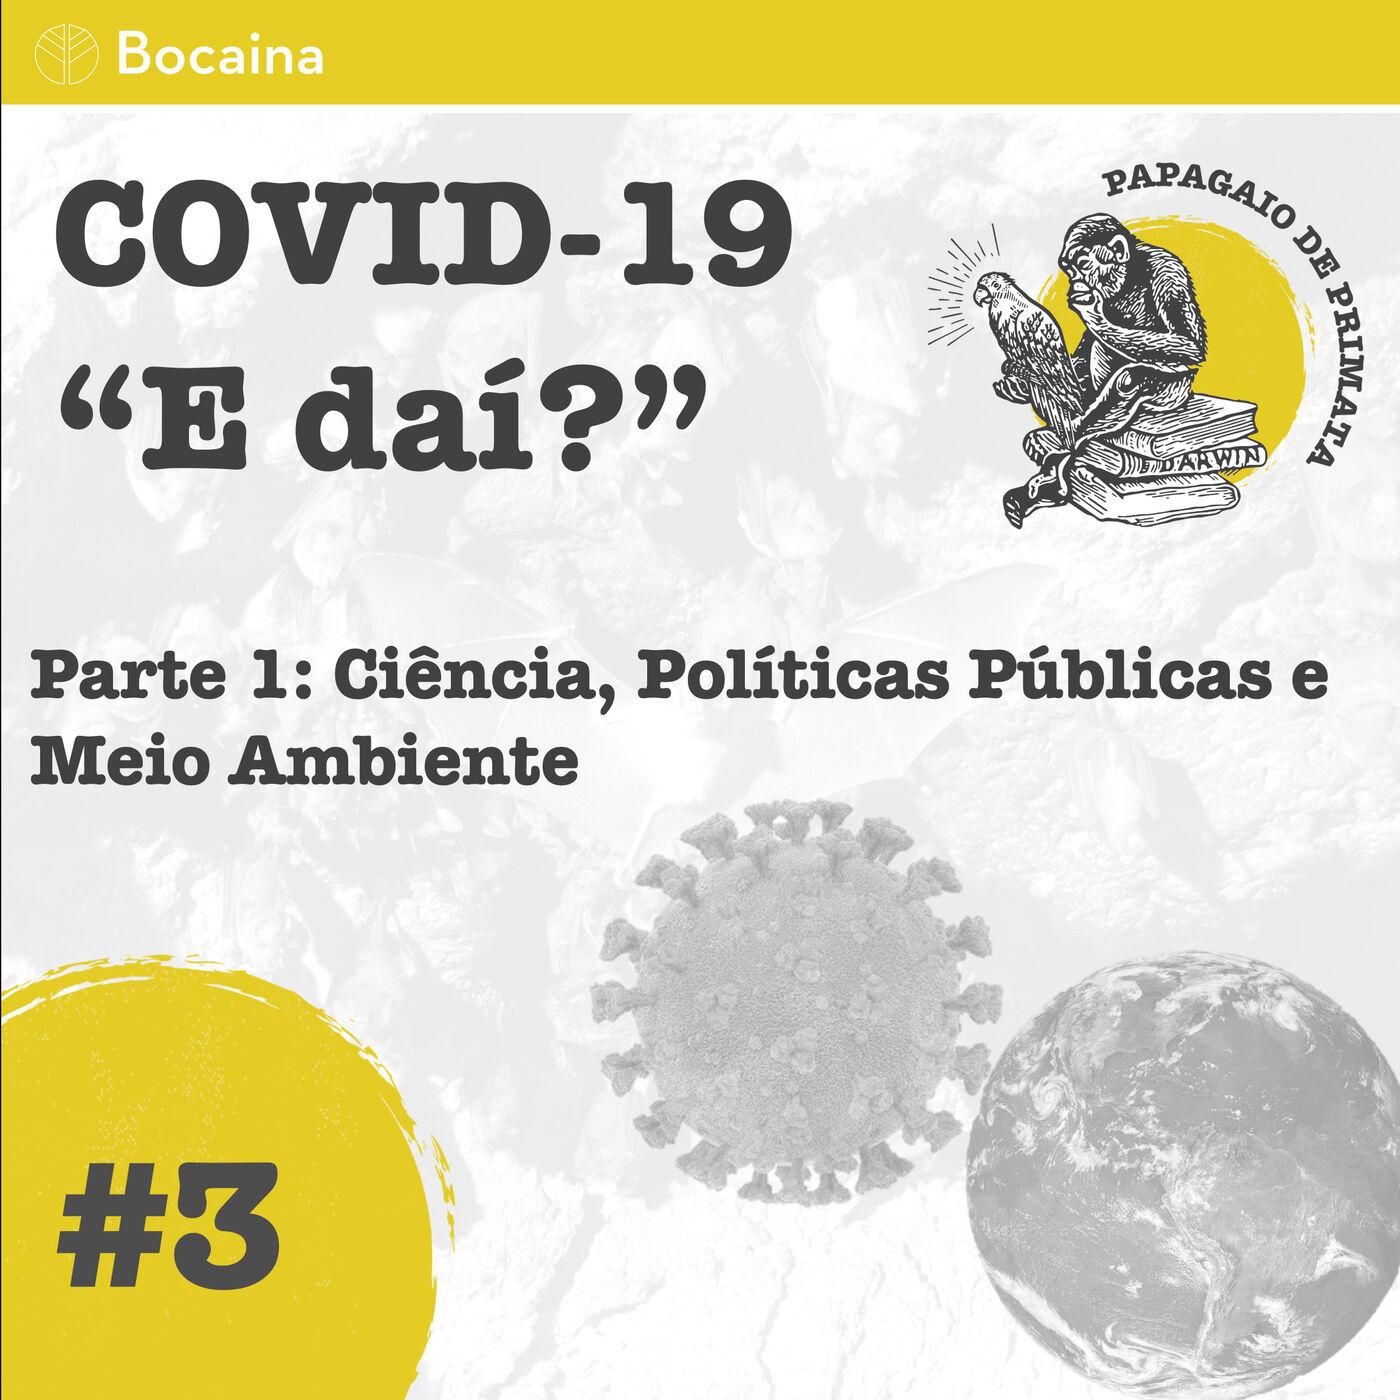 """#3 - COVID-19 """"E daí"""" Parte 1: Ciência, Políticas Públicas e Meio Ambiente"""